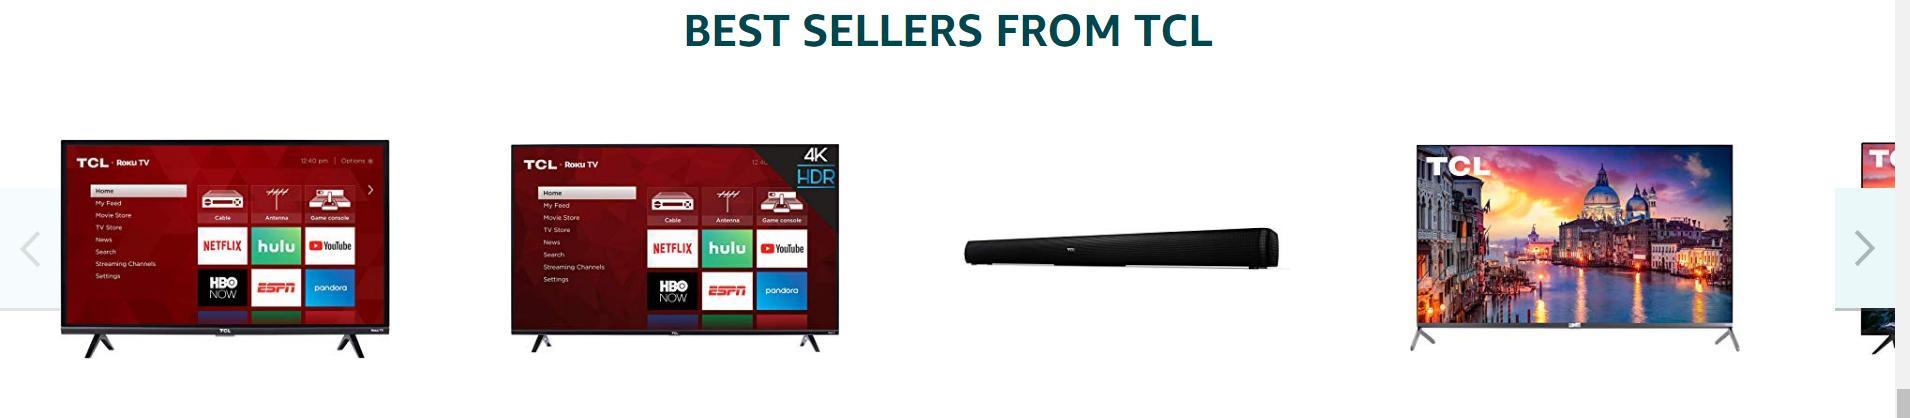 亚马逊品牌旗舰店设计详解-以电视品牌店为例